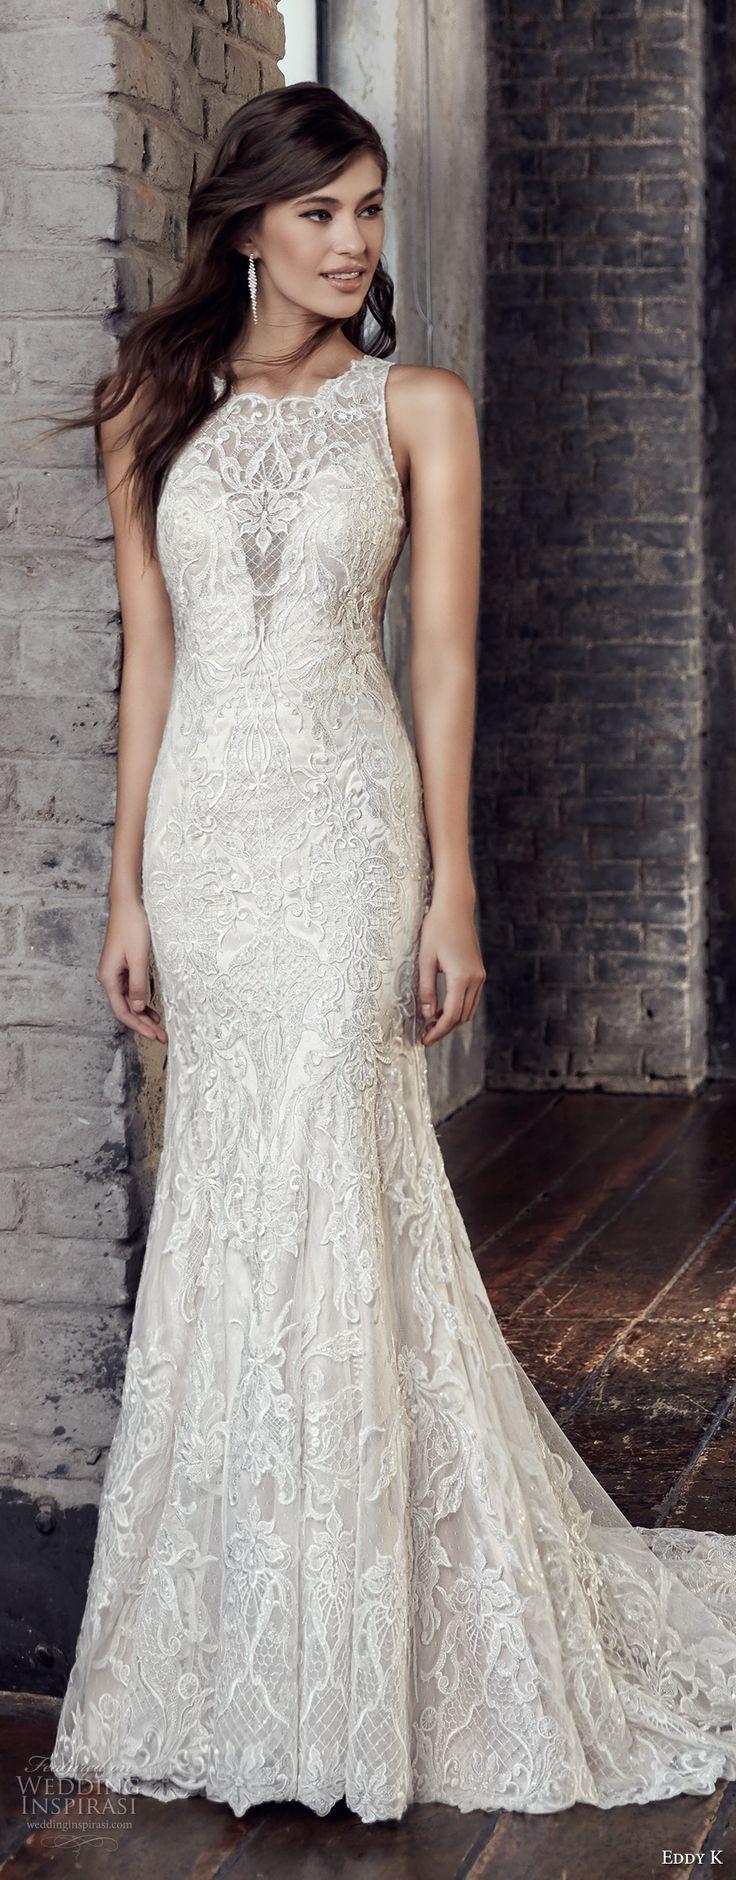 1144 besten Rustic Wedding Dress 2017 Bilder auf Pinterest ...